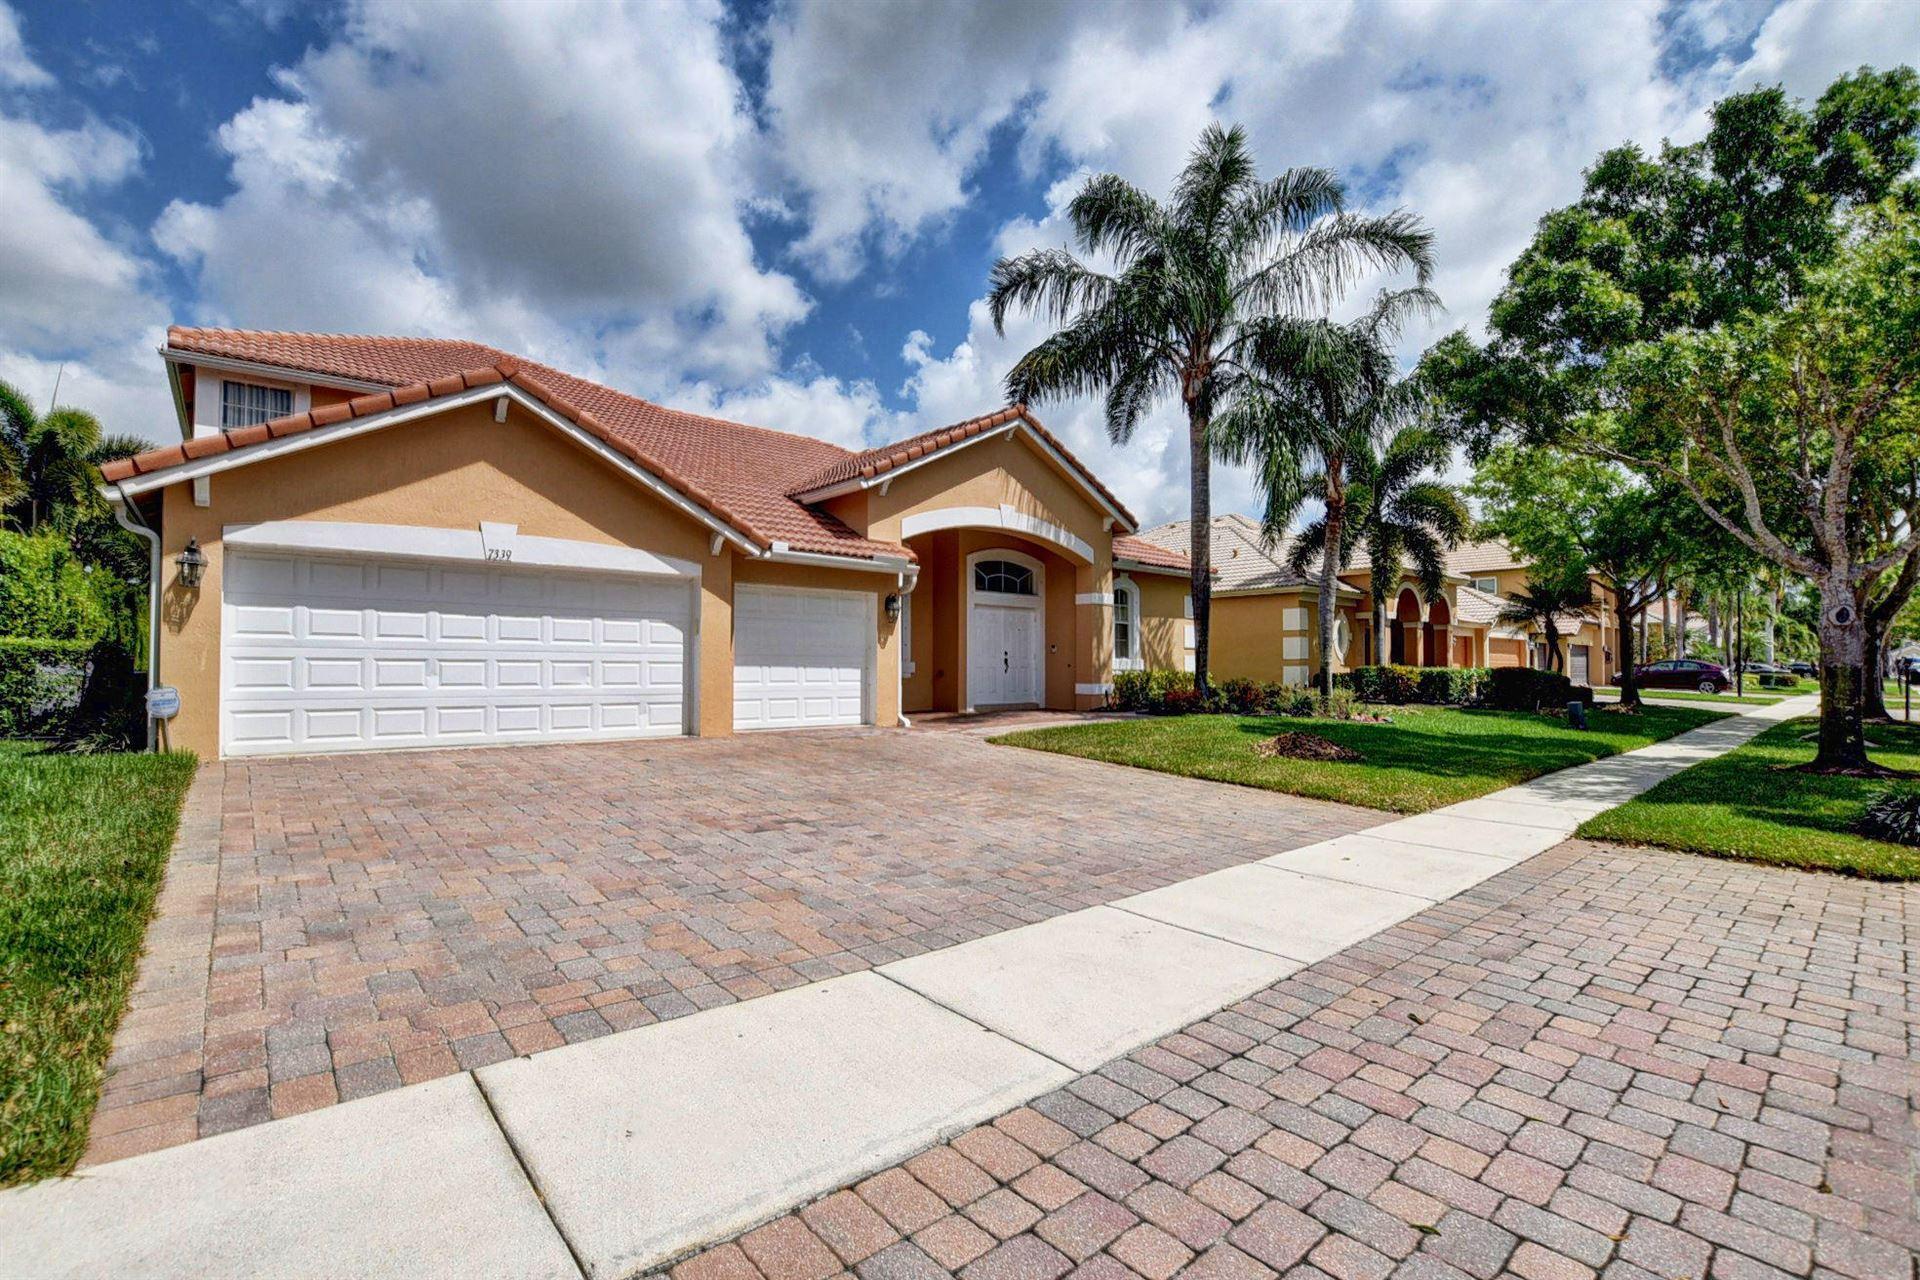 7339 Serrano Ter Terrace, Delray Beach, FL 33446 - #: RX-10611534